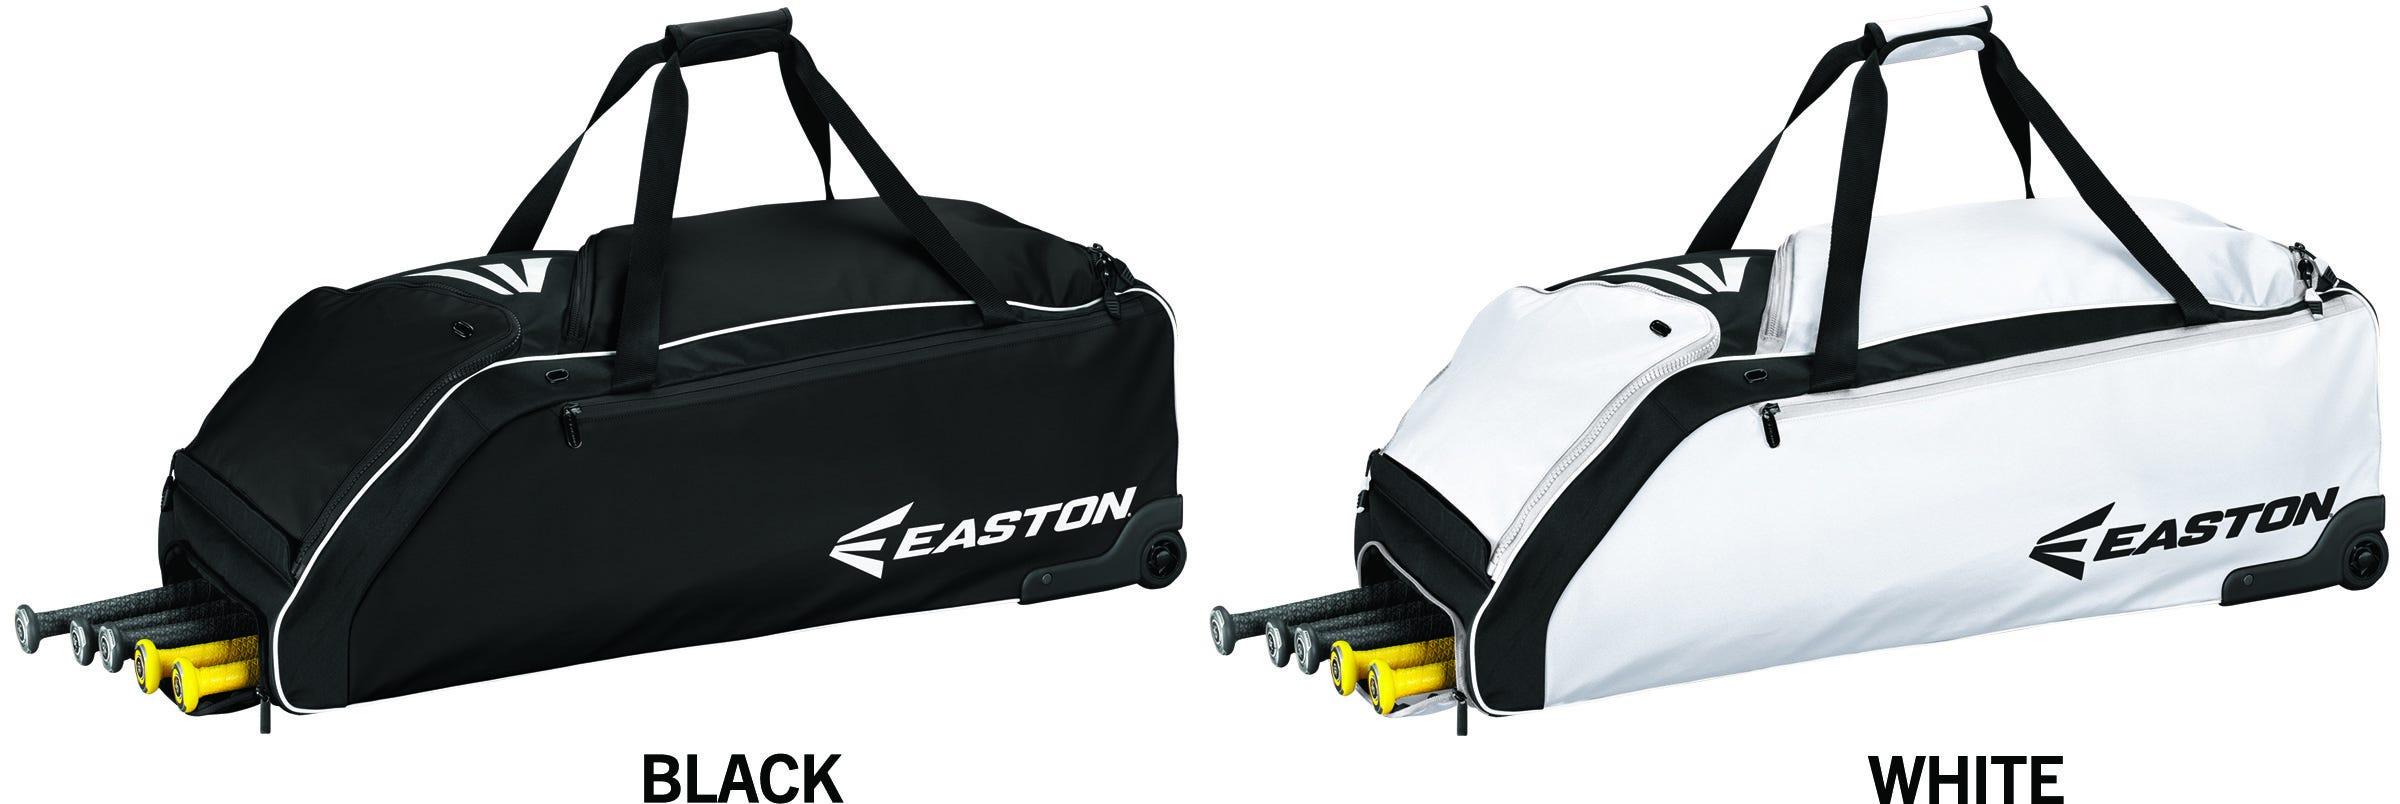 Easton E610w Wheeled Equipment Bag Baseball Softball